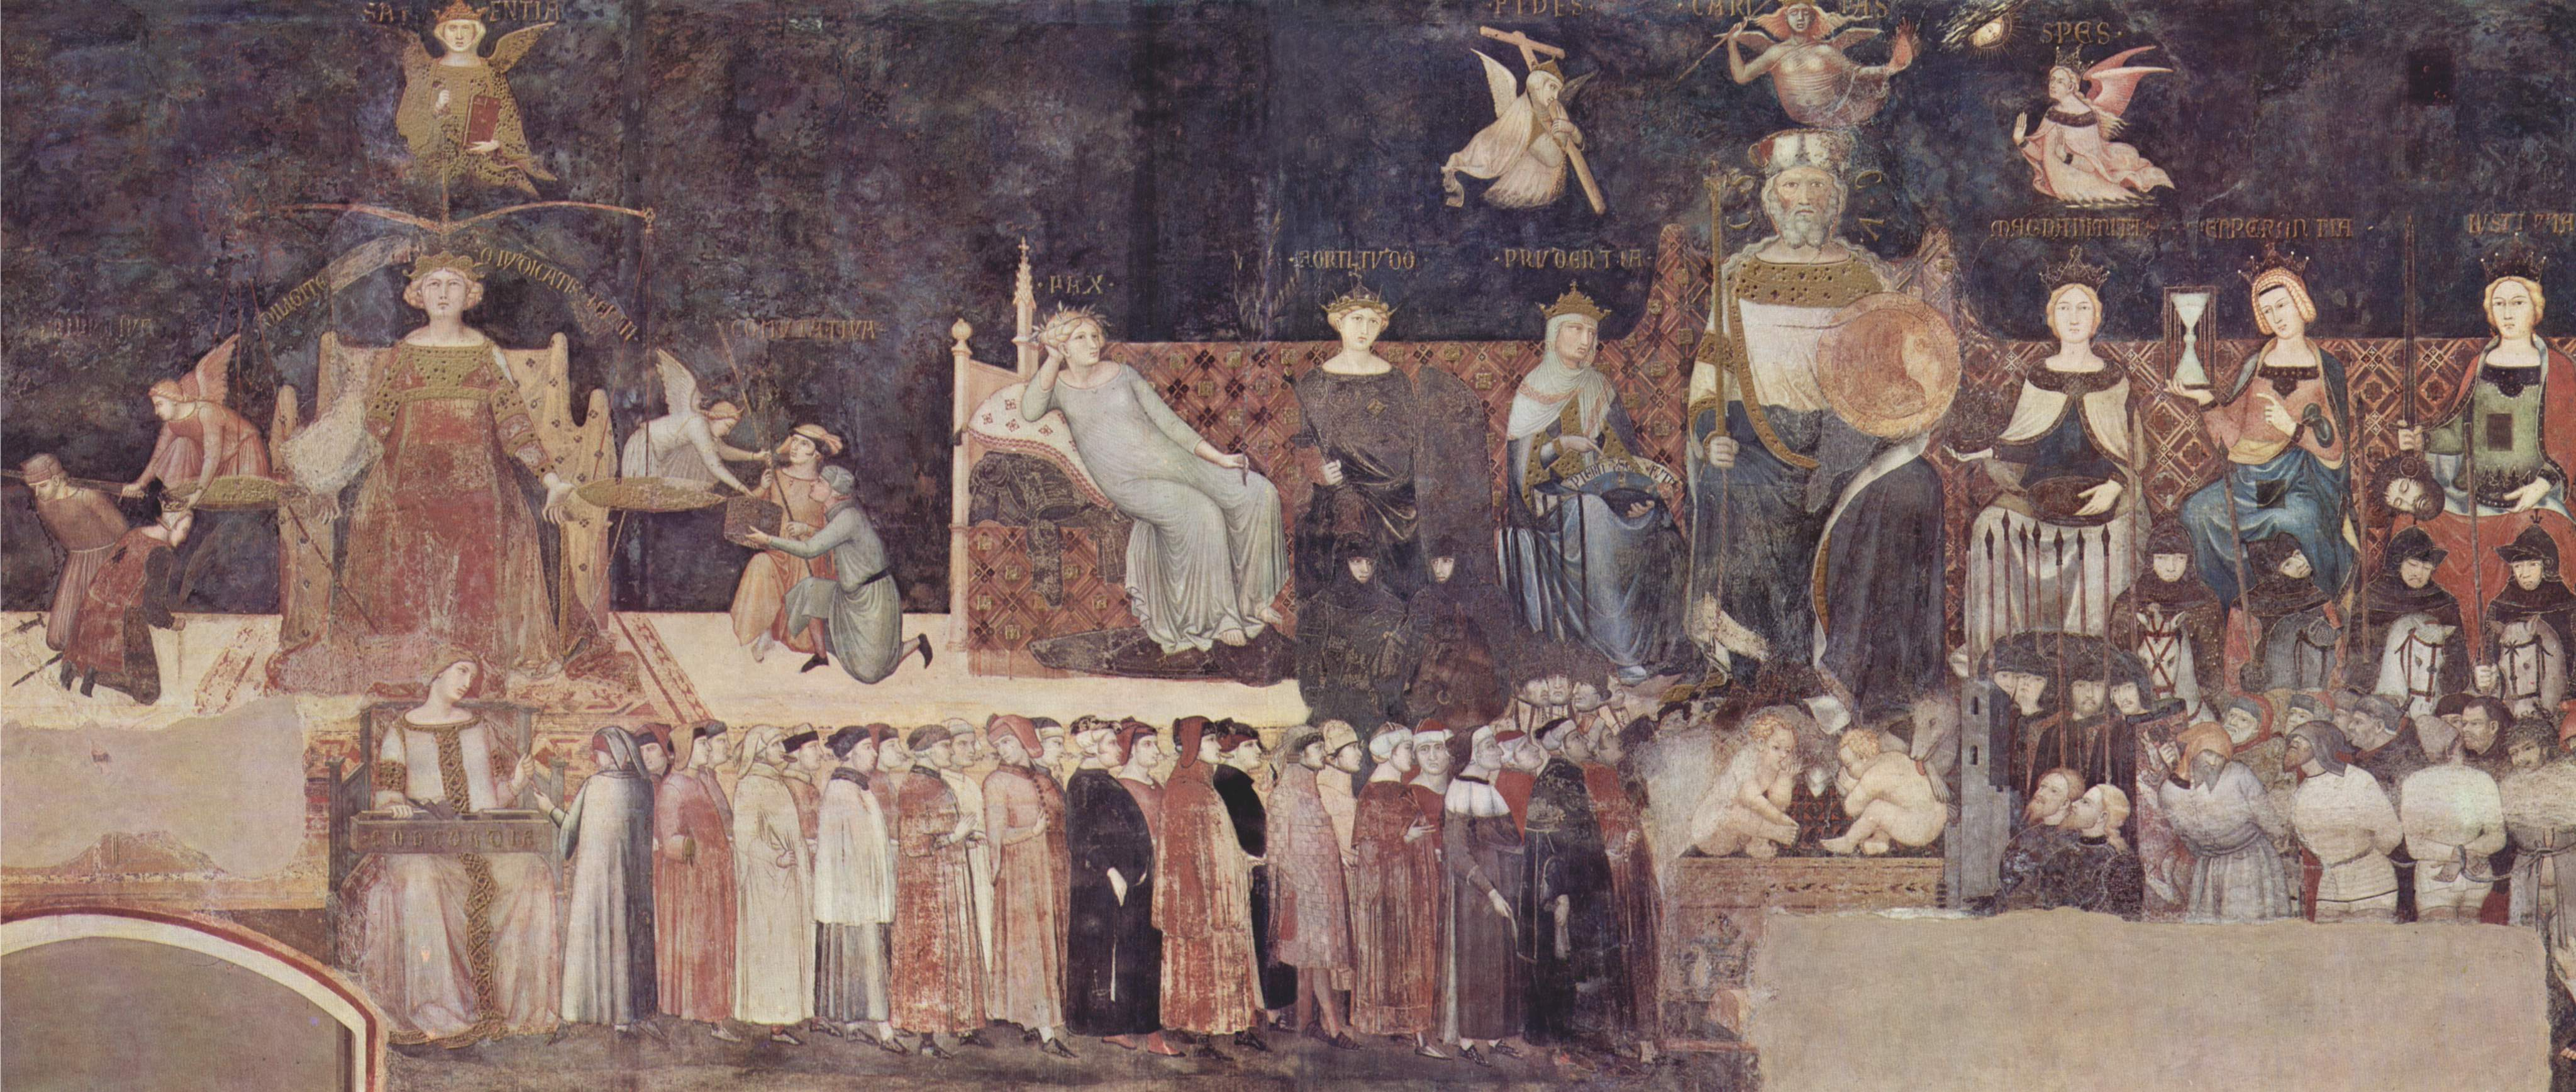 Sala Del Consiglio Dei Nove Siena.Allegoria Ed Effetti Del Buono E Del Cattivo Governo Wikipedia